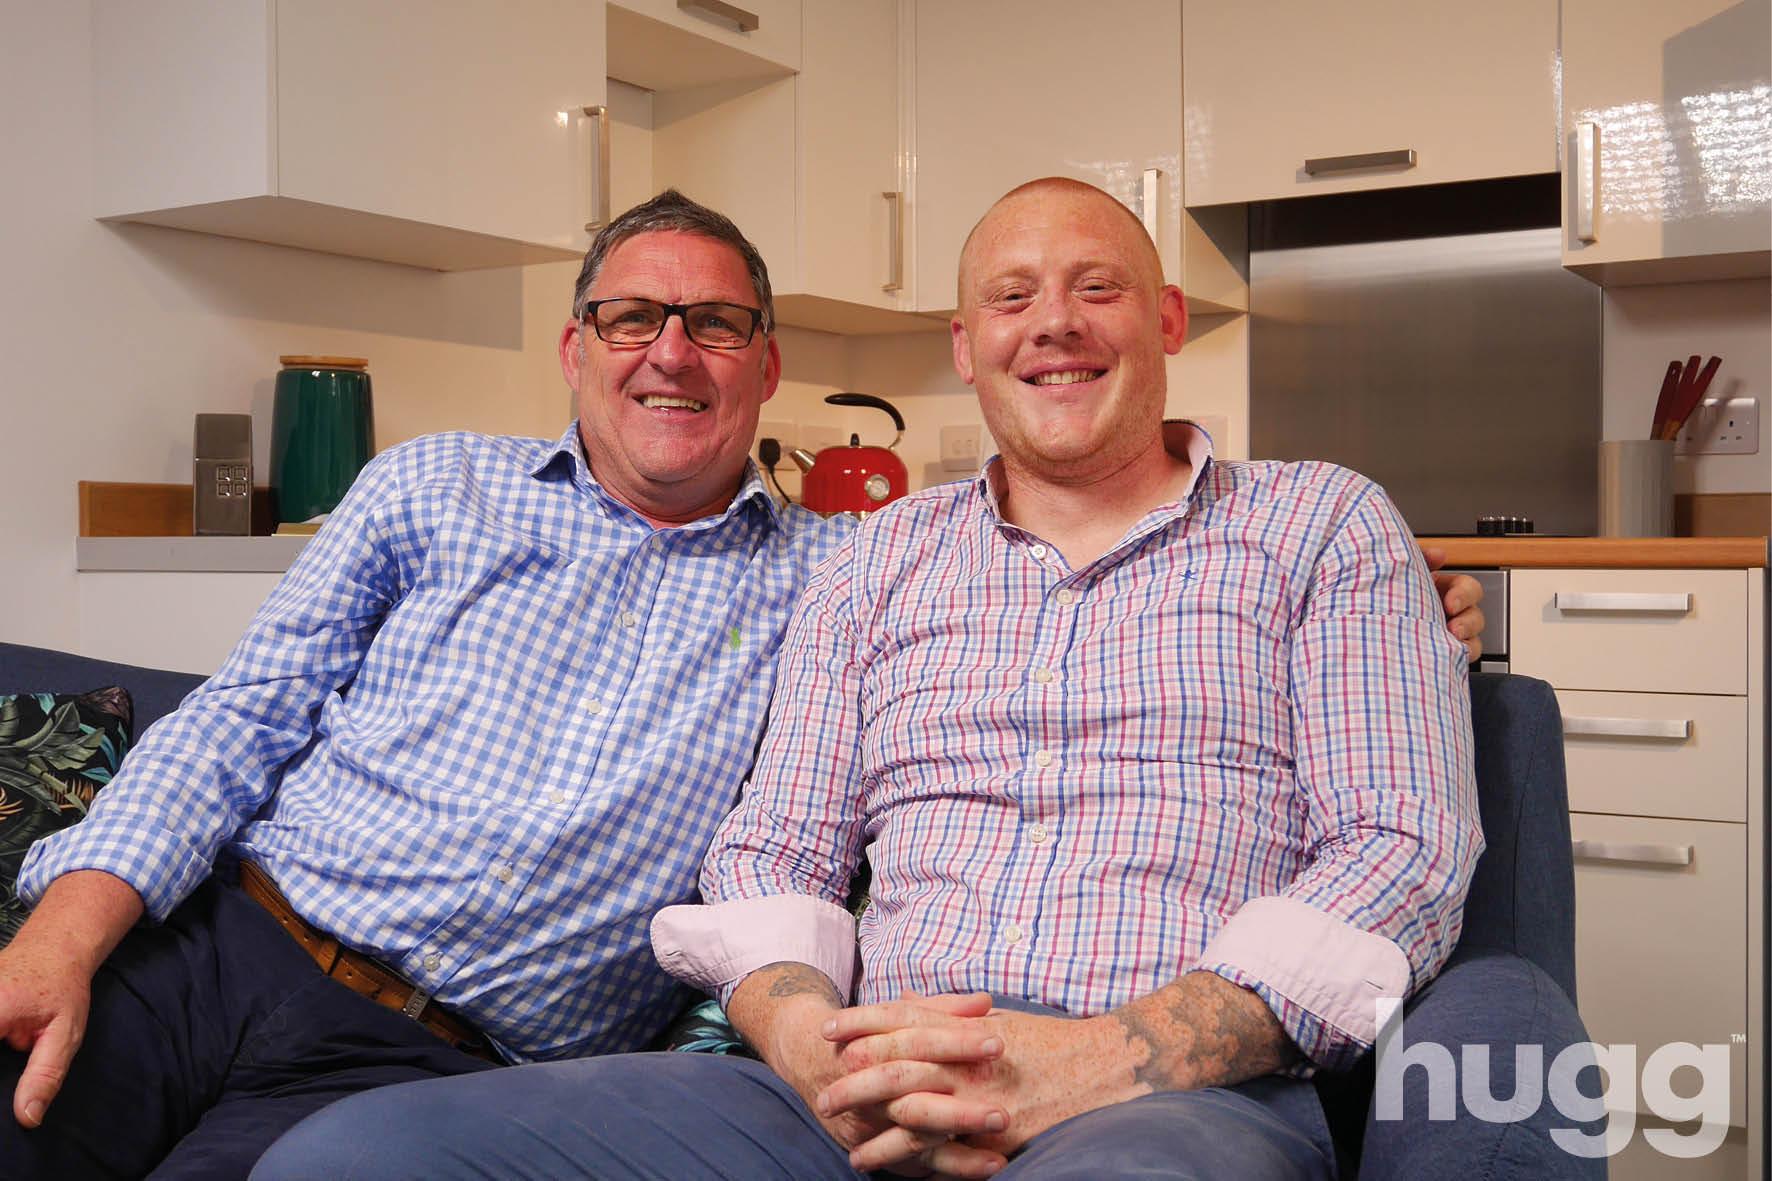 hugg_homes_residents_Alan & Luke Chorley_hugg_1.jpg